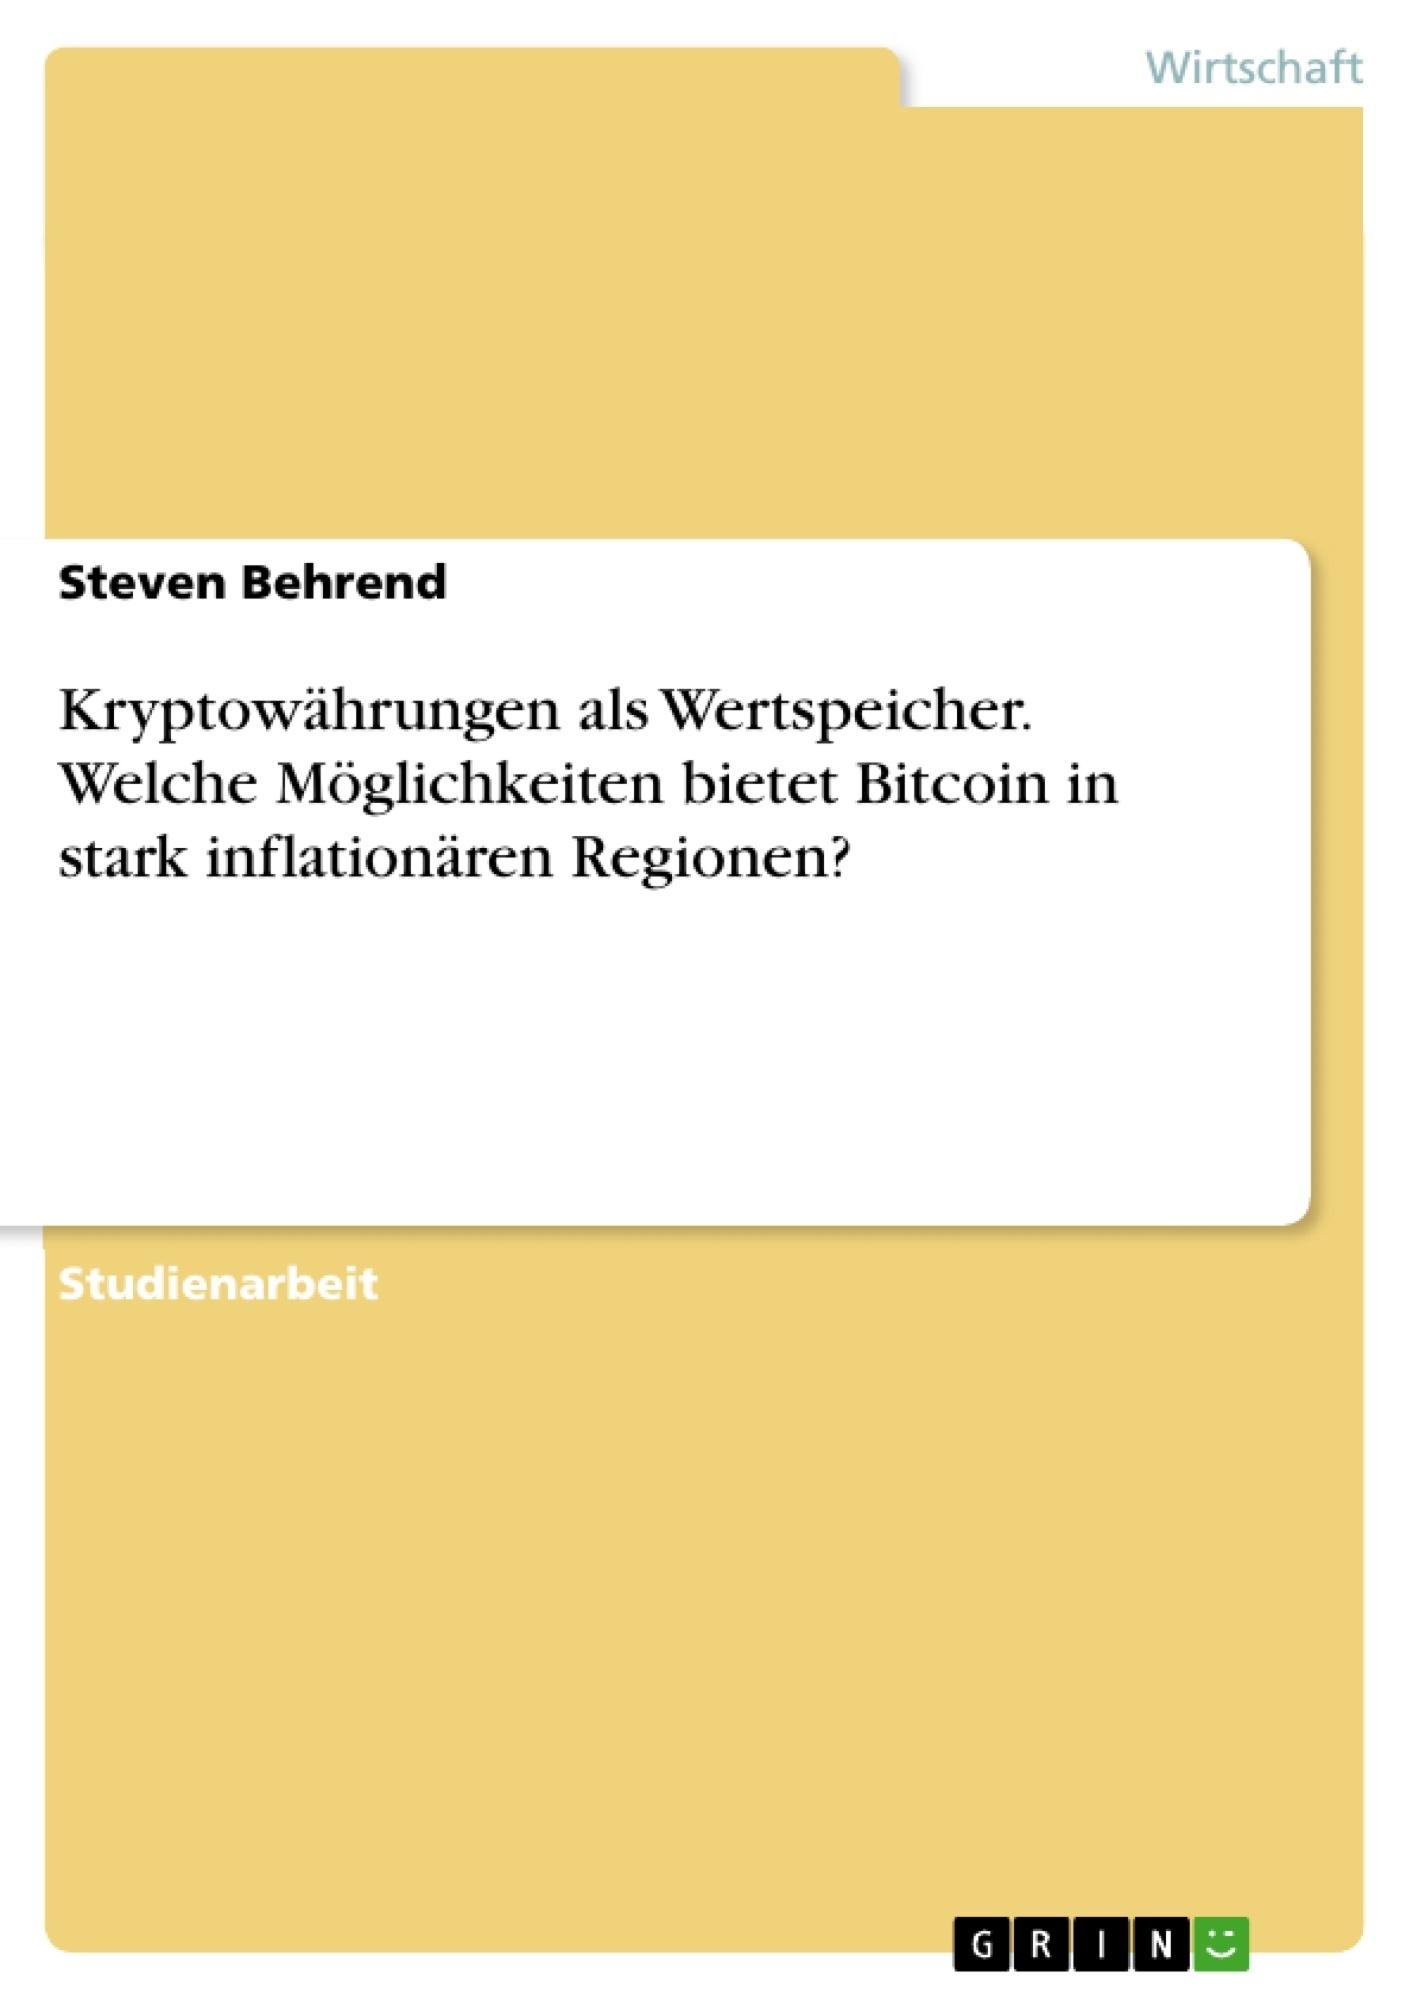 Titel: Kryptowährungen als Wertspeicher. Welche Möglichkeiten bietet Bitcoin in stark inflationären Regionen?